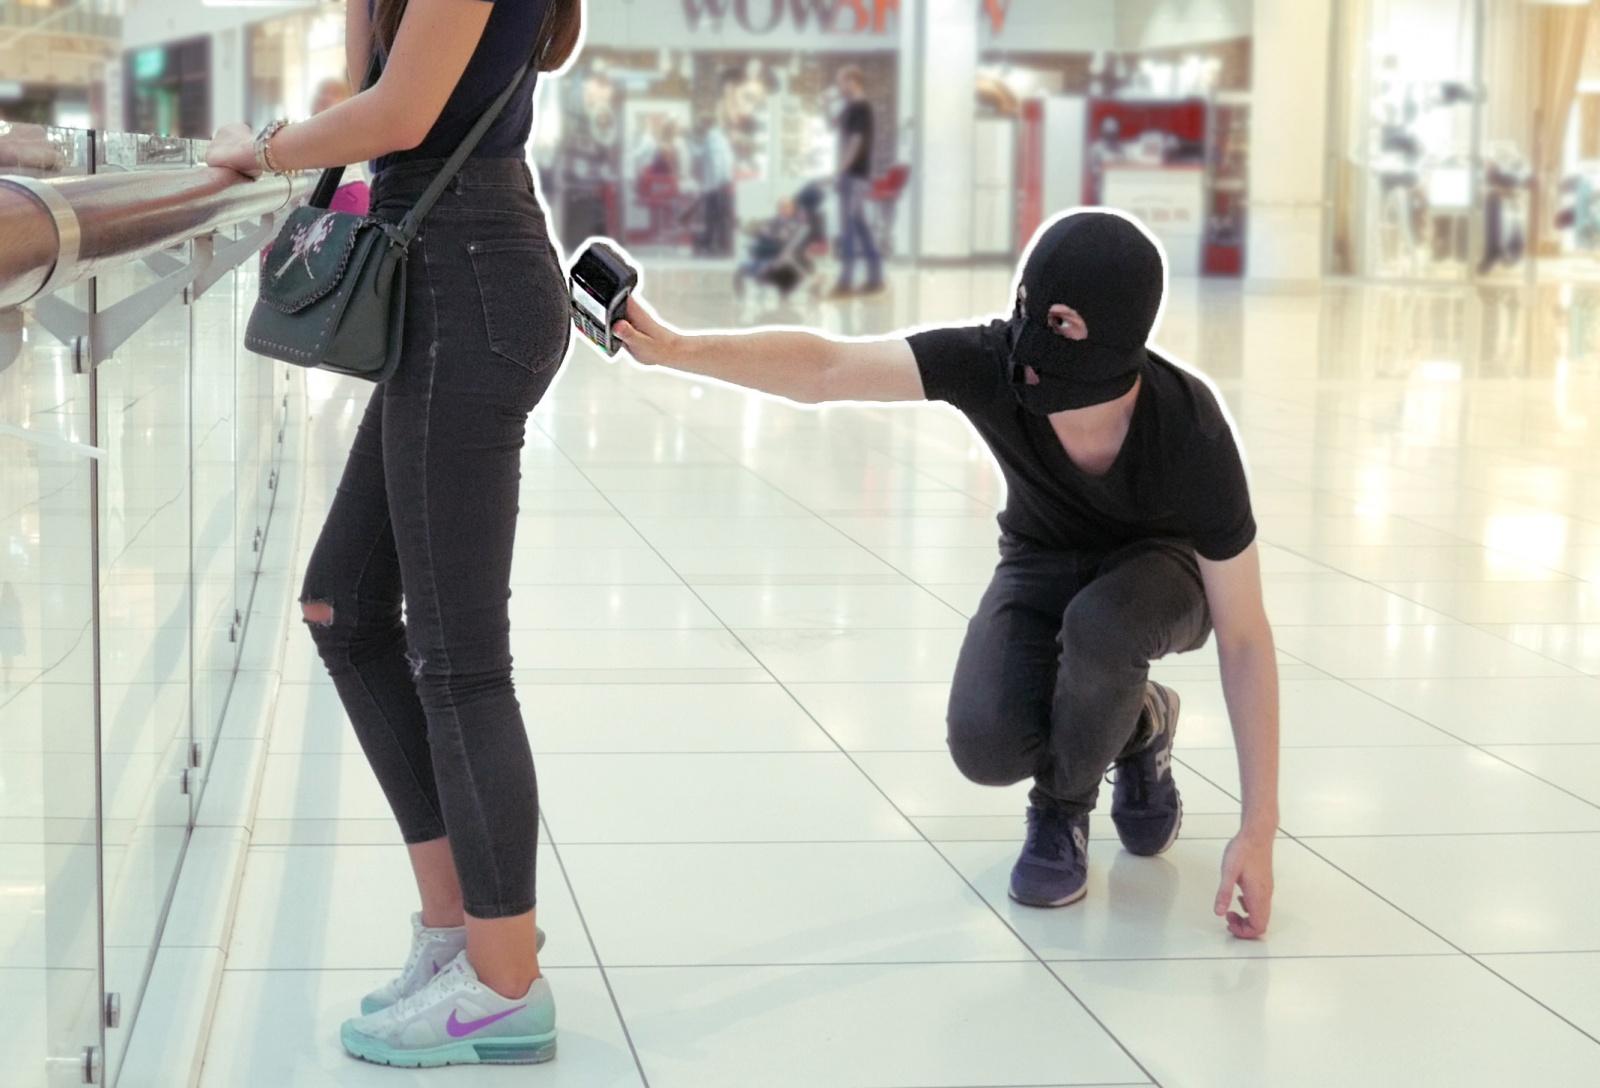 Почему некоторые «прячут» кредитку в пакет?